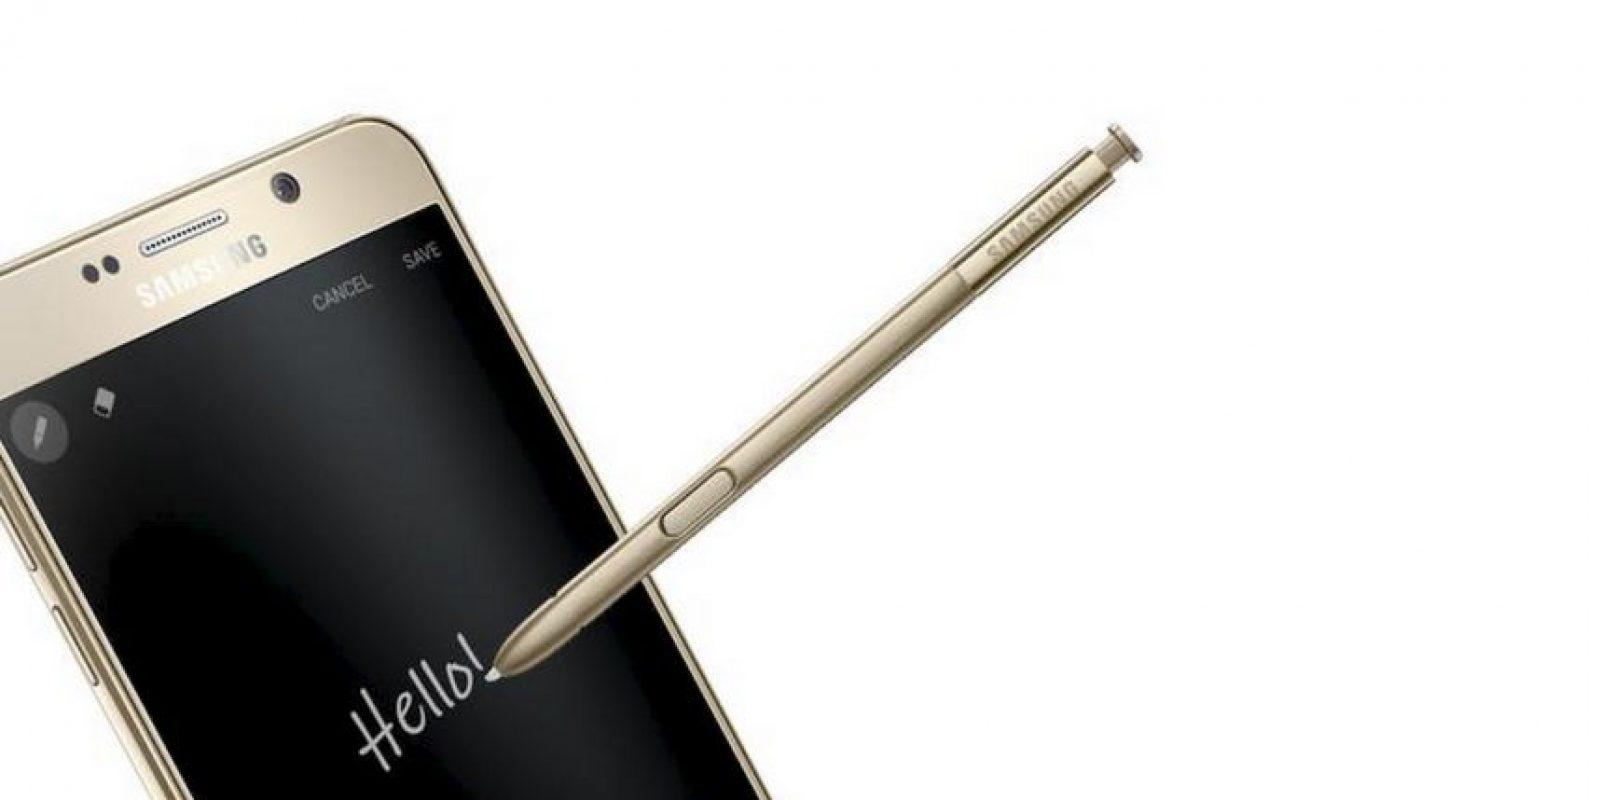 La pluma digital S-Pen mejora mucho el tiempo de respuesta y la nitidez del texto Foto:Samsung